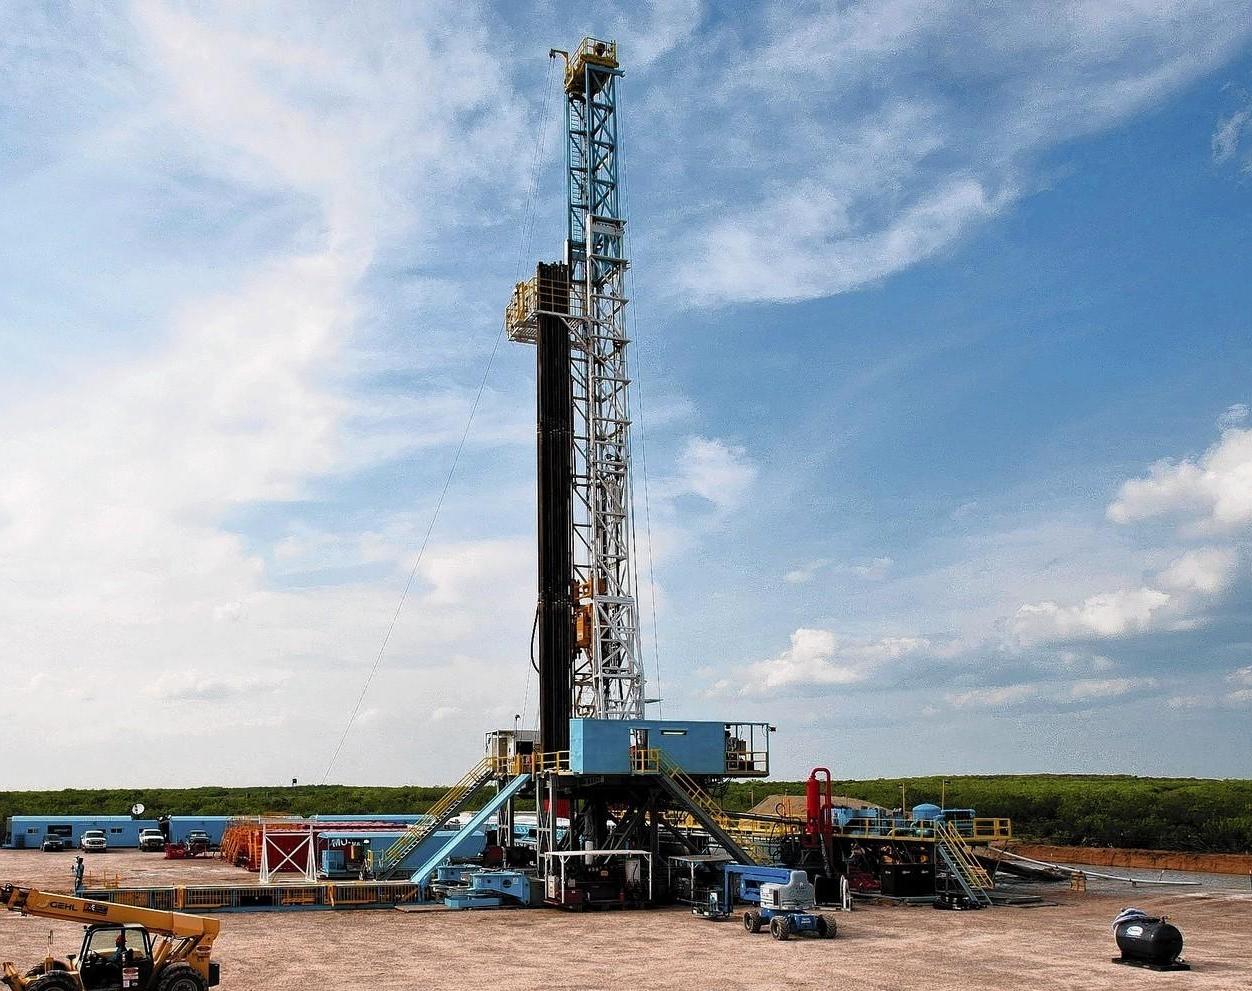 la-la-na-texas-oil-boom02-jpg-20140214.jpg